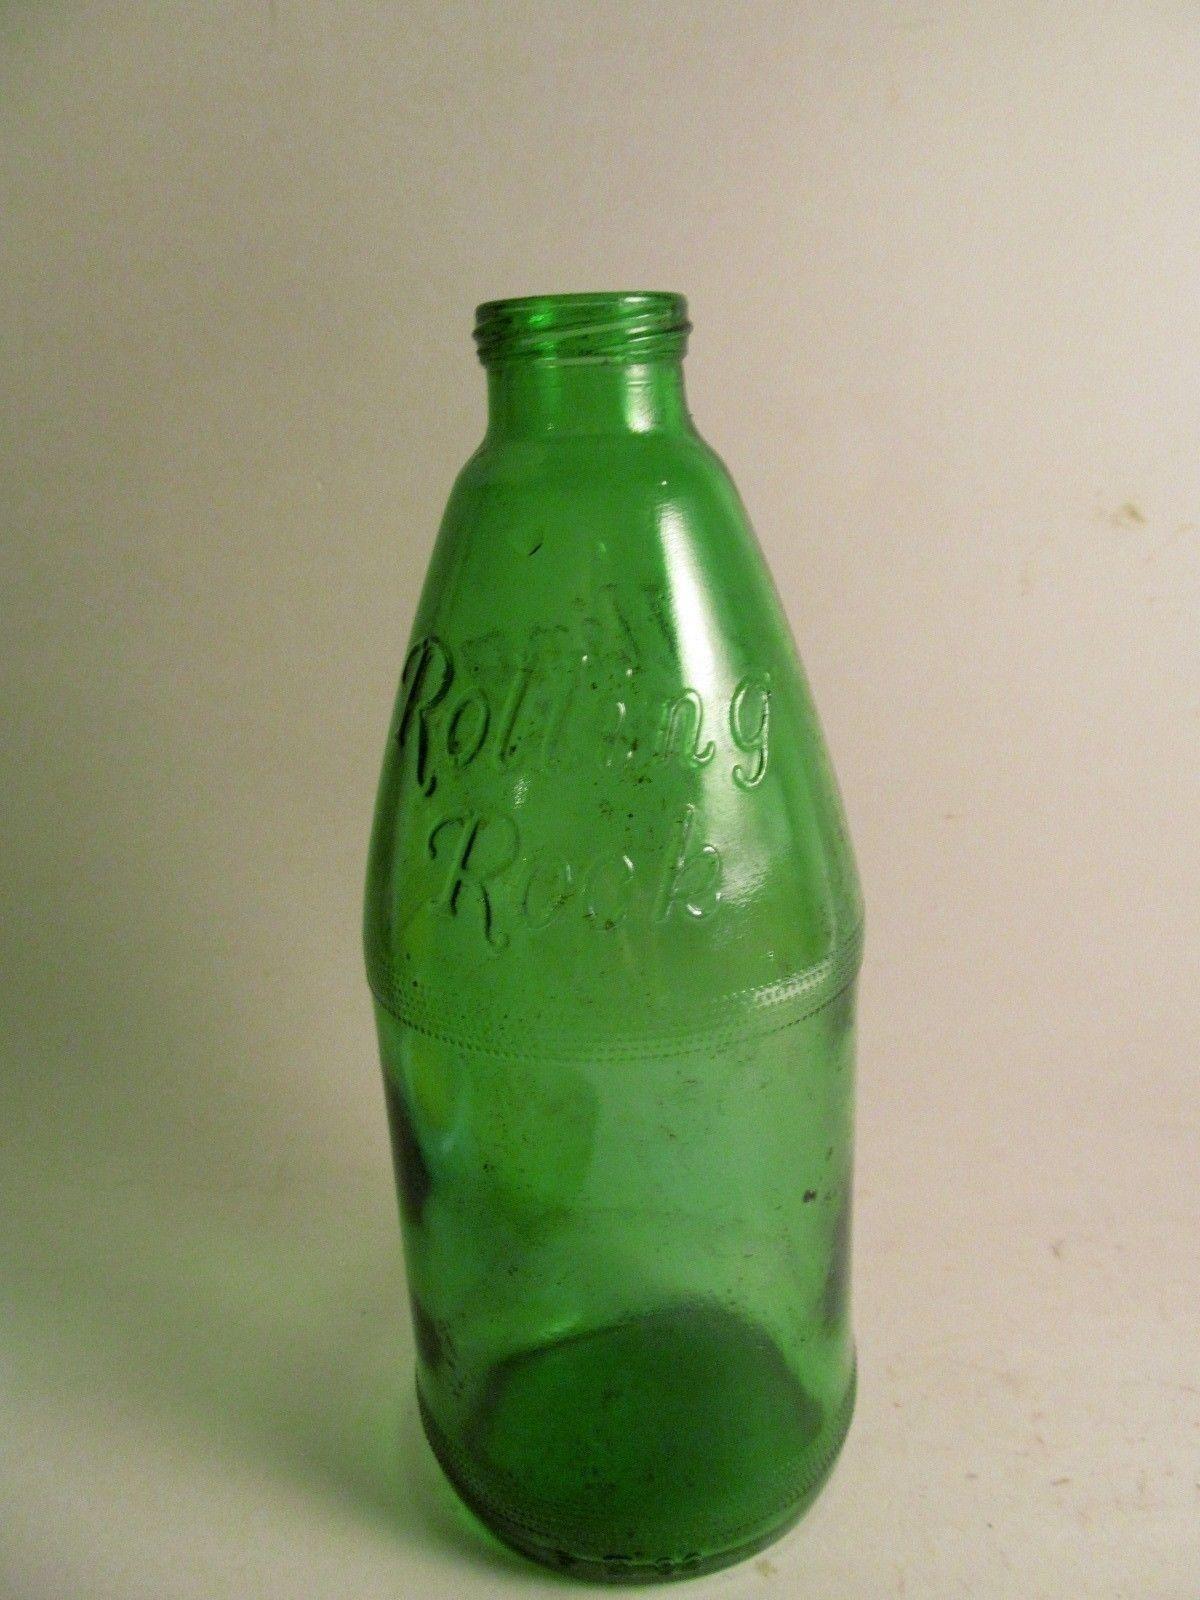 vintage rolling rock beer bottle anchor hocking latrobe